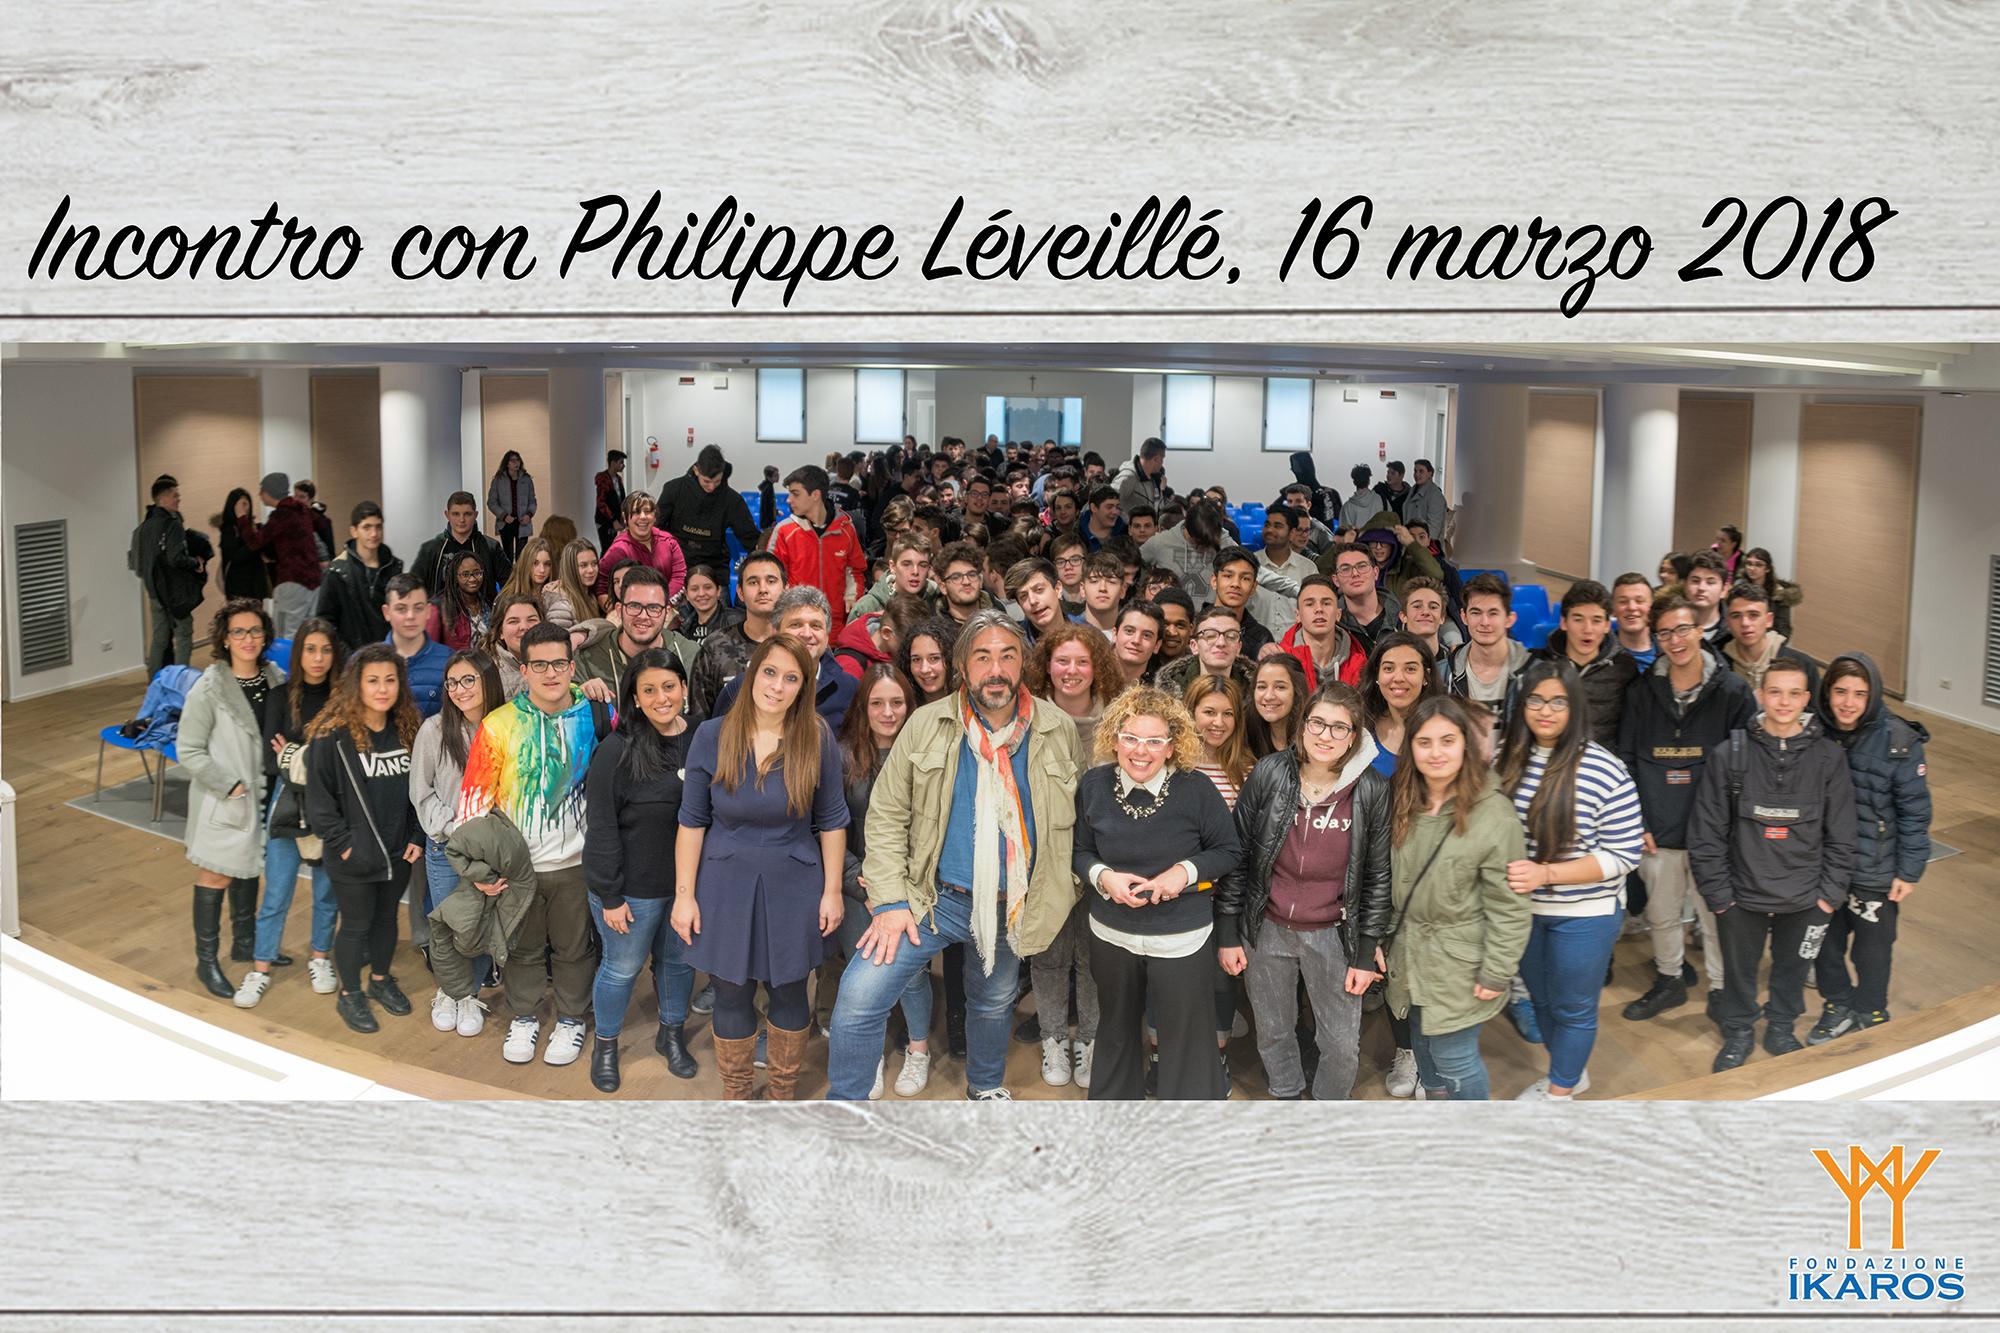 Incontro con Philippe Léveillé